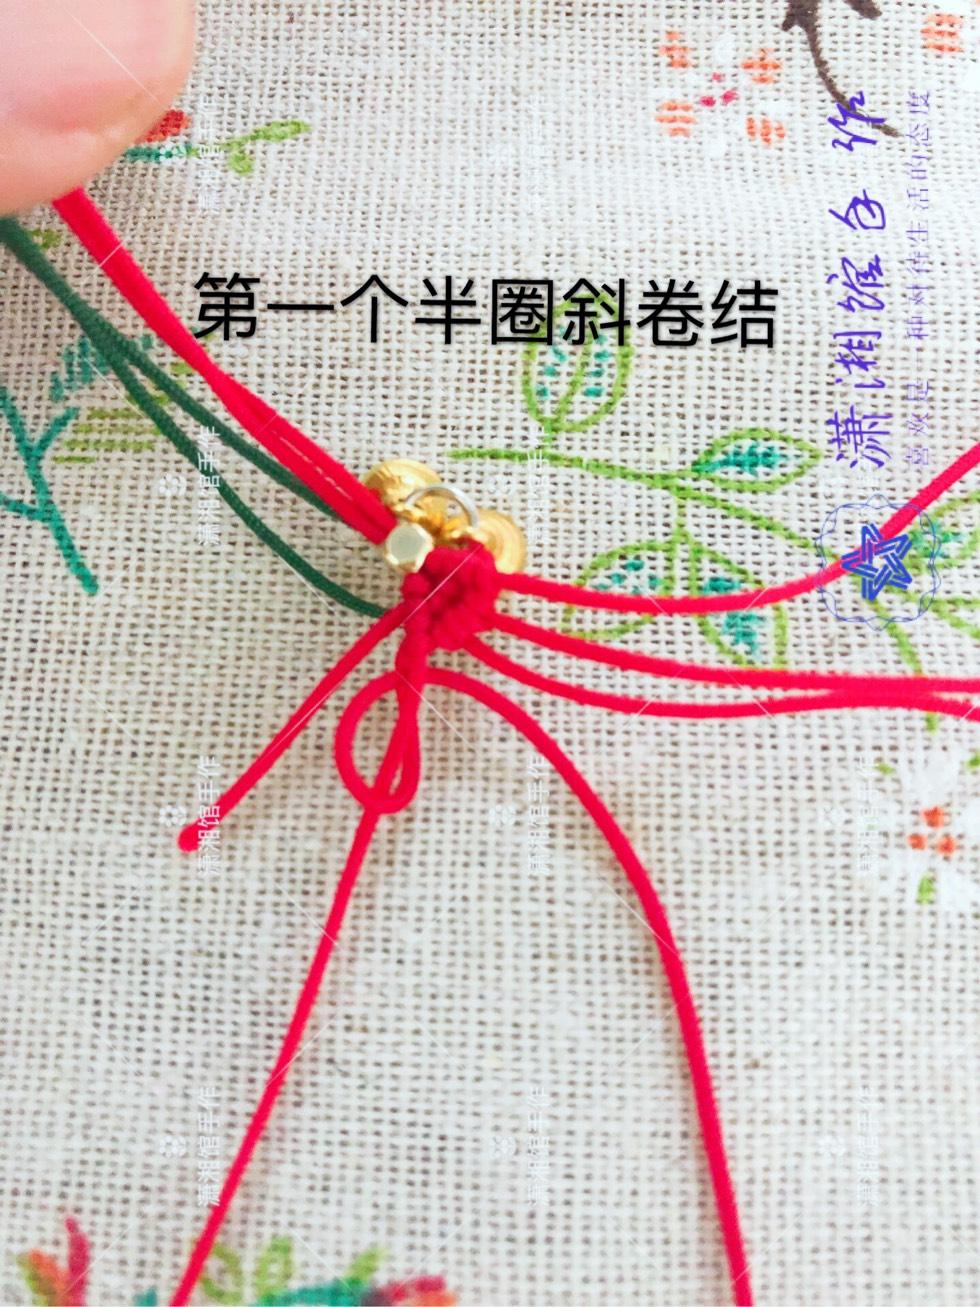 中国结论坛 圣诞节蝴蝶结手链  图文教程区 114839kpfl9uj9lrlubwh5